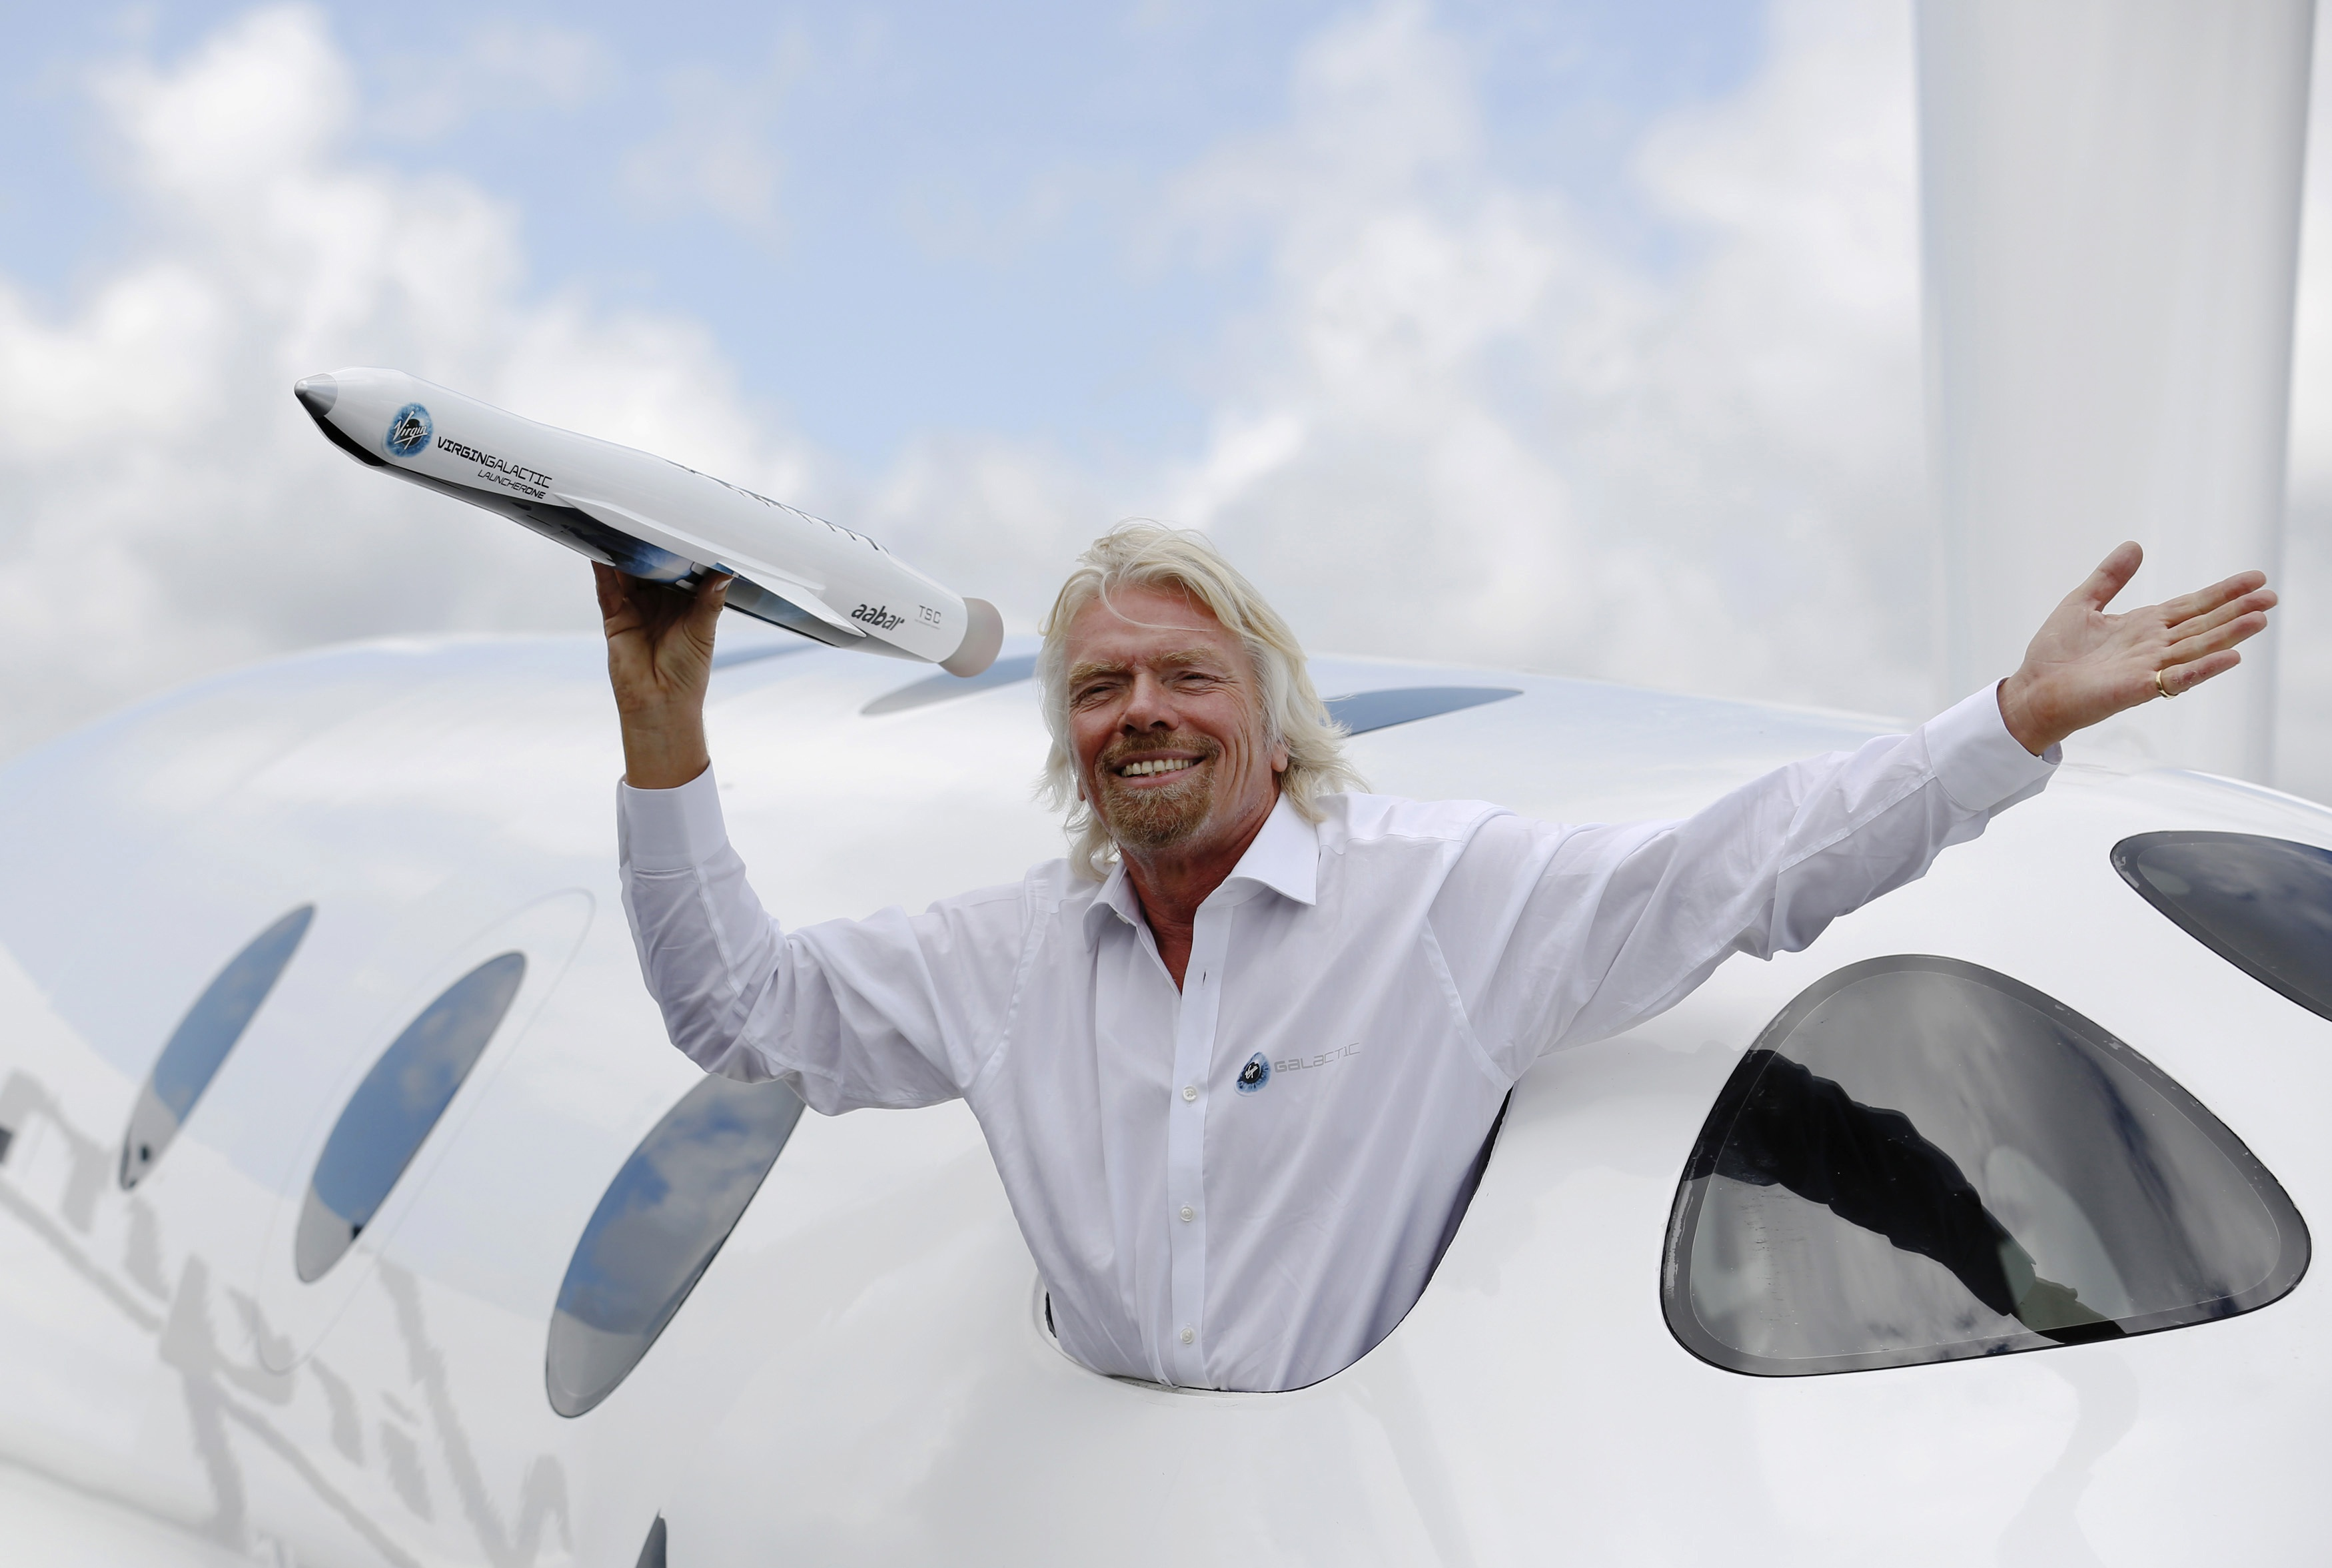 Пилот - одна из самых высокооплачиваемых профессий